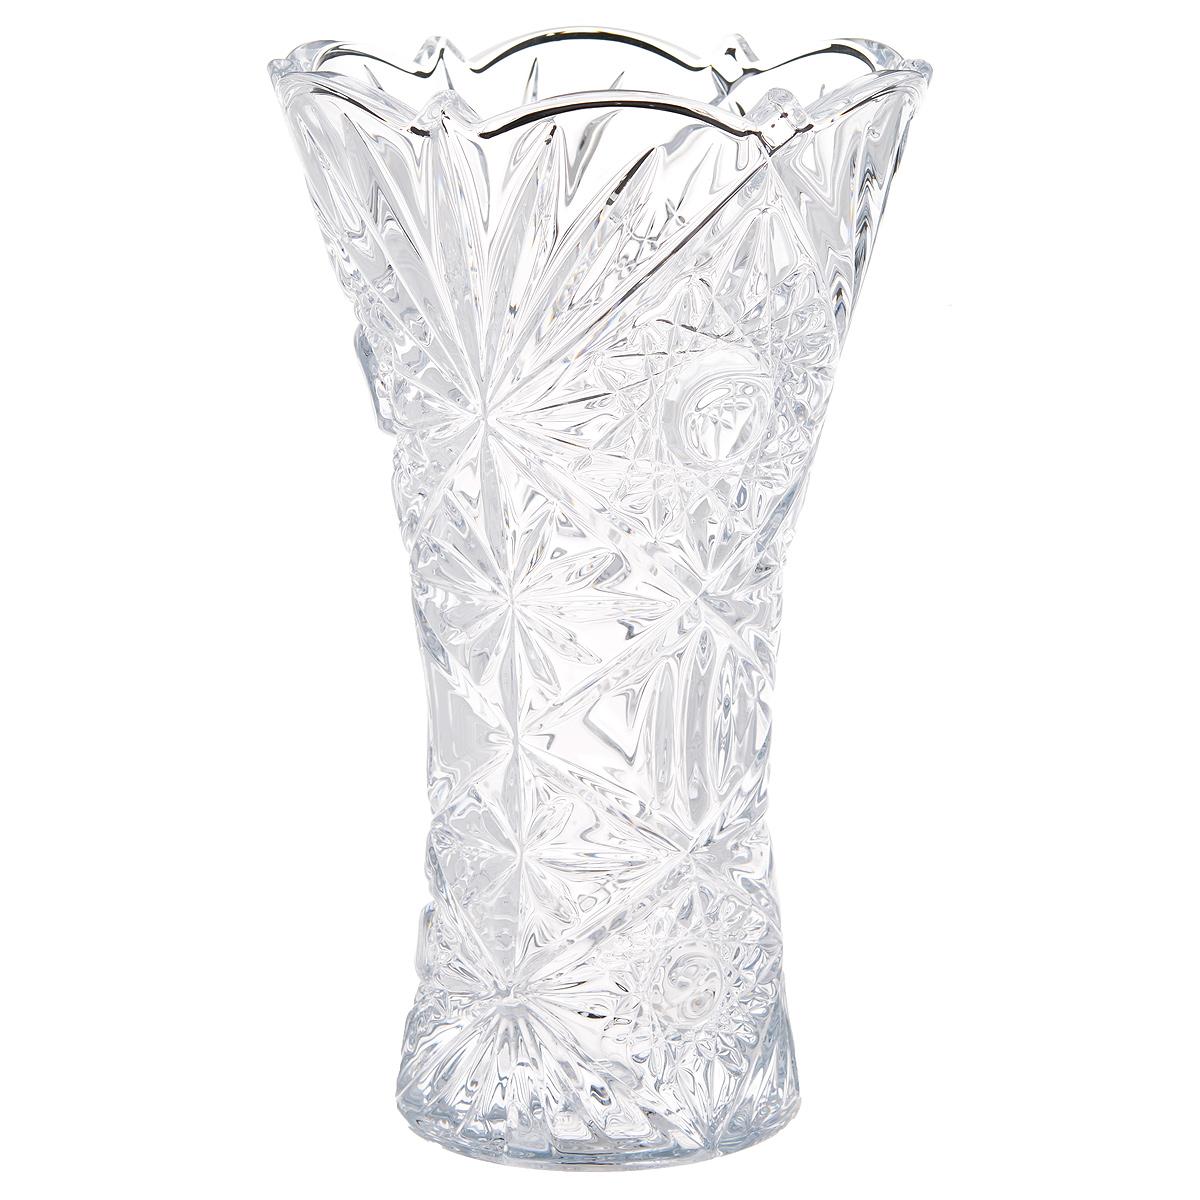 Ваза Crystalite Bohemia Тукана-Миранда, высота 20,5 смАС 04120/0160/АА-D823Изящная ваза Crystalite Bohemia Тукана-Миранда изготовлена из прочного утолщенного стекла кристалайт. Она красиво переливается и излучает приятный блеск. Ваза оснащена оригинальным рельефным орнаментом и неровными краями, что делает ее изящным украшением интерьера. Ваза Crystalite Bohemia Тукана-Миранда дополнит интерьер офиса или дома и станет желанным и стильным подарком.